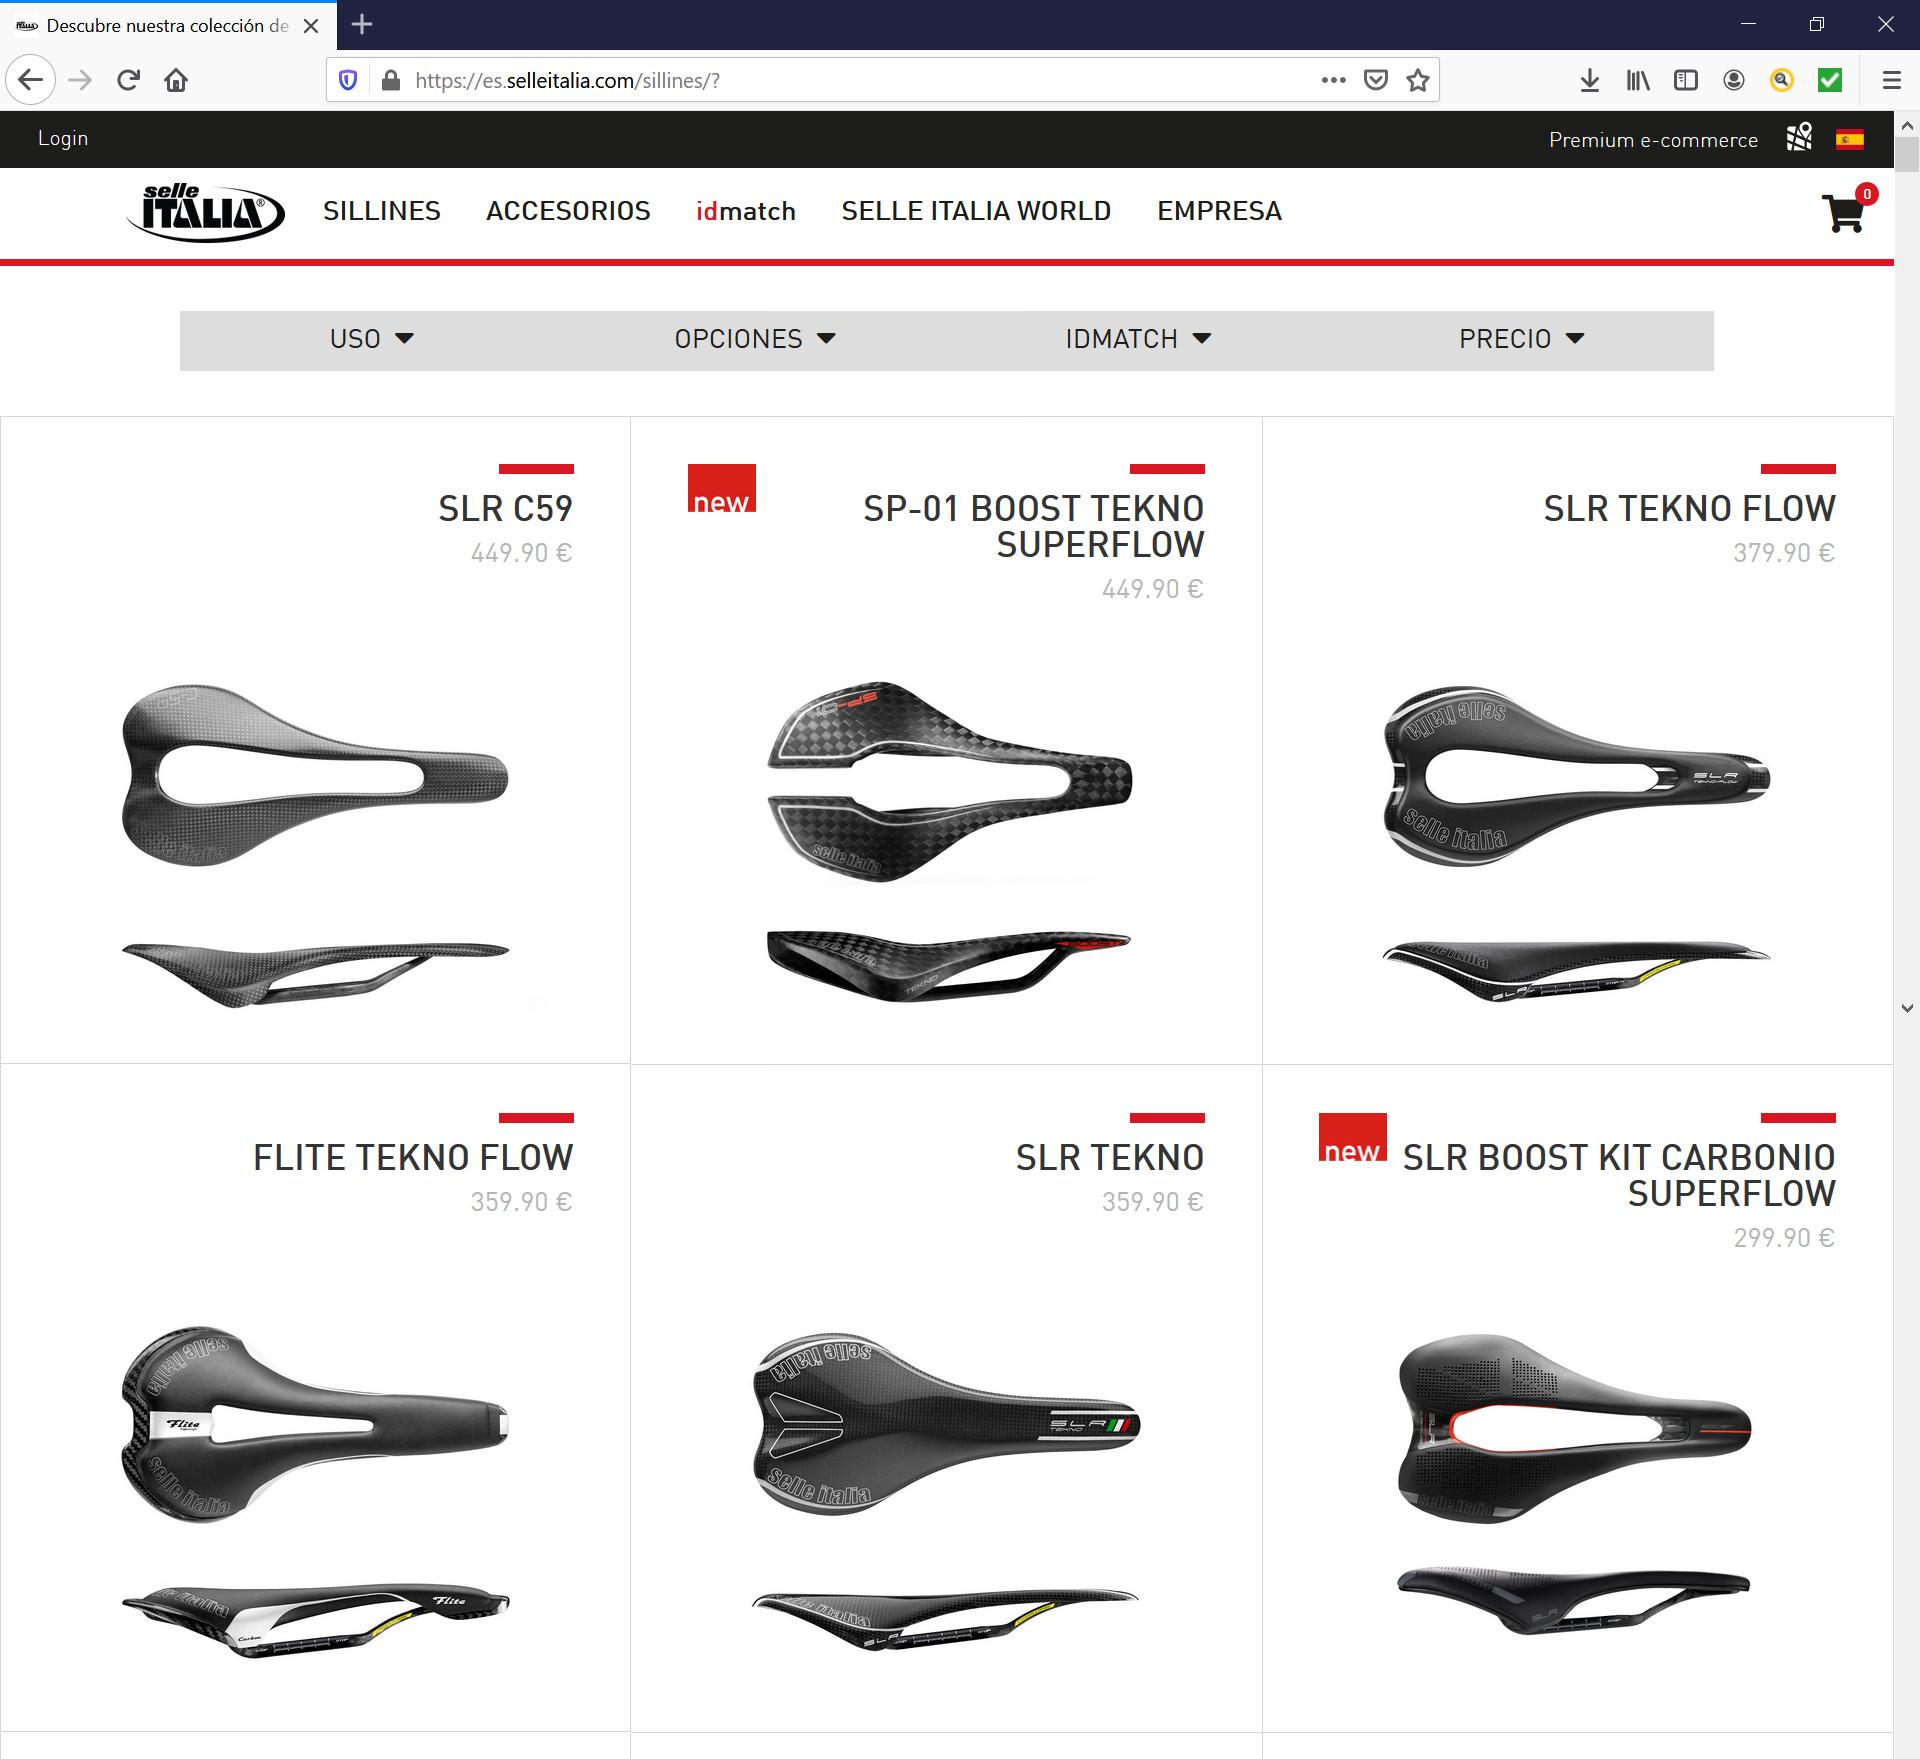 Selle Italia tienda on line